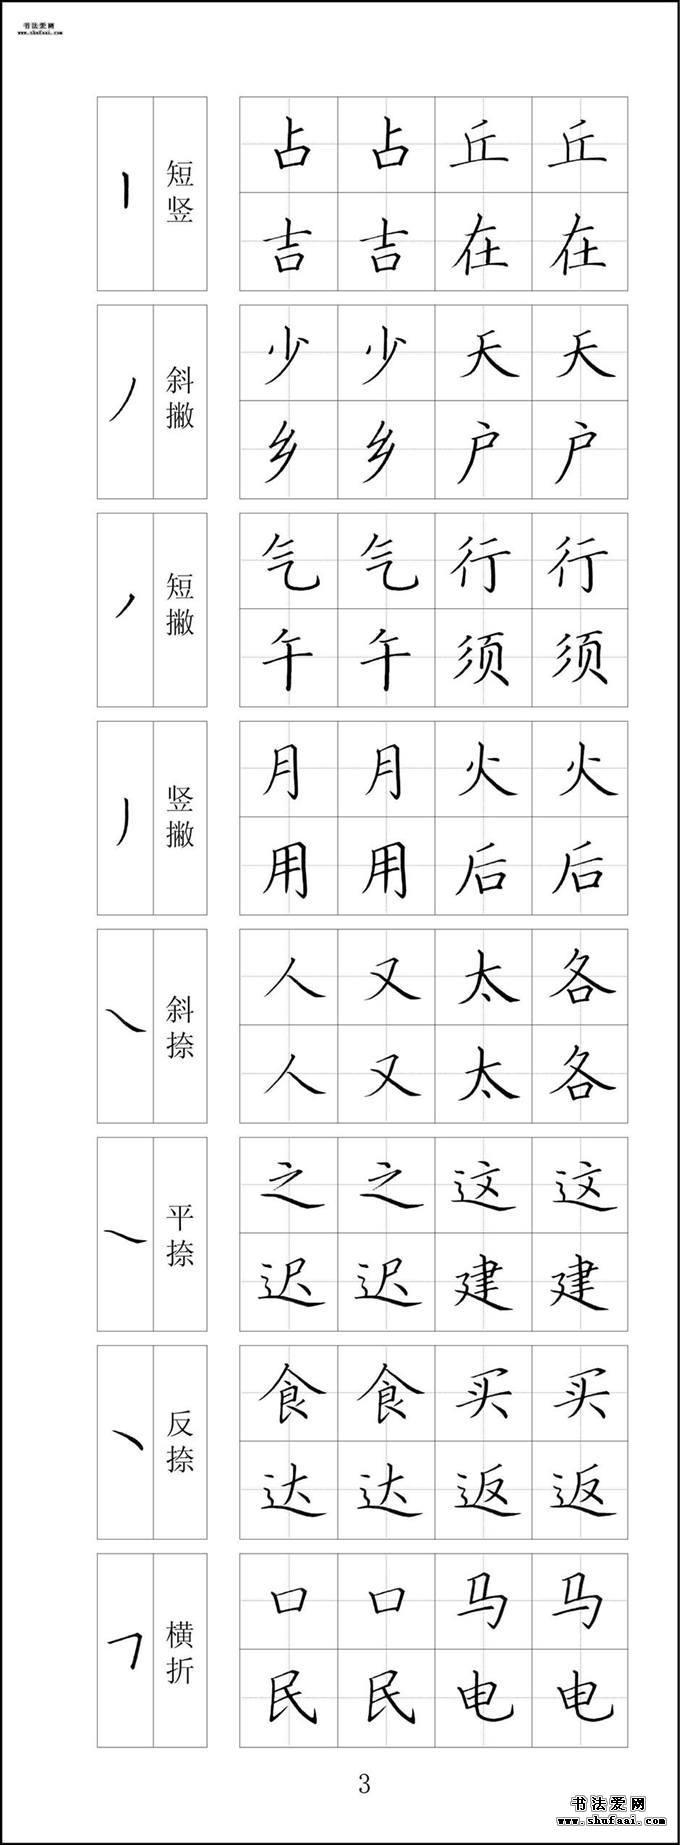 钢笔字帖全套下载  第一套:1-10张 第【3】张